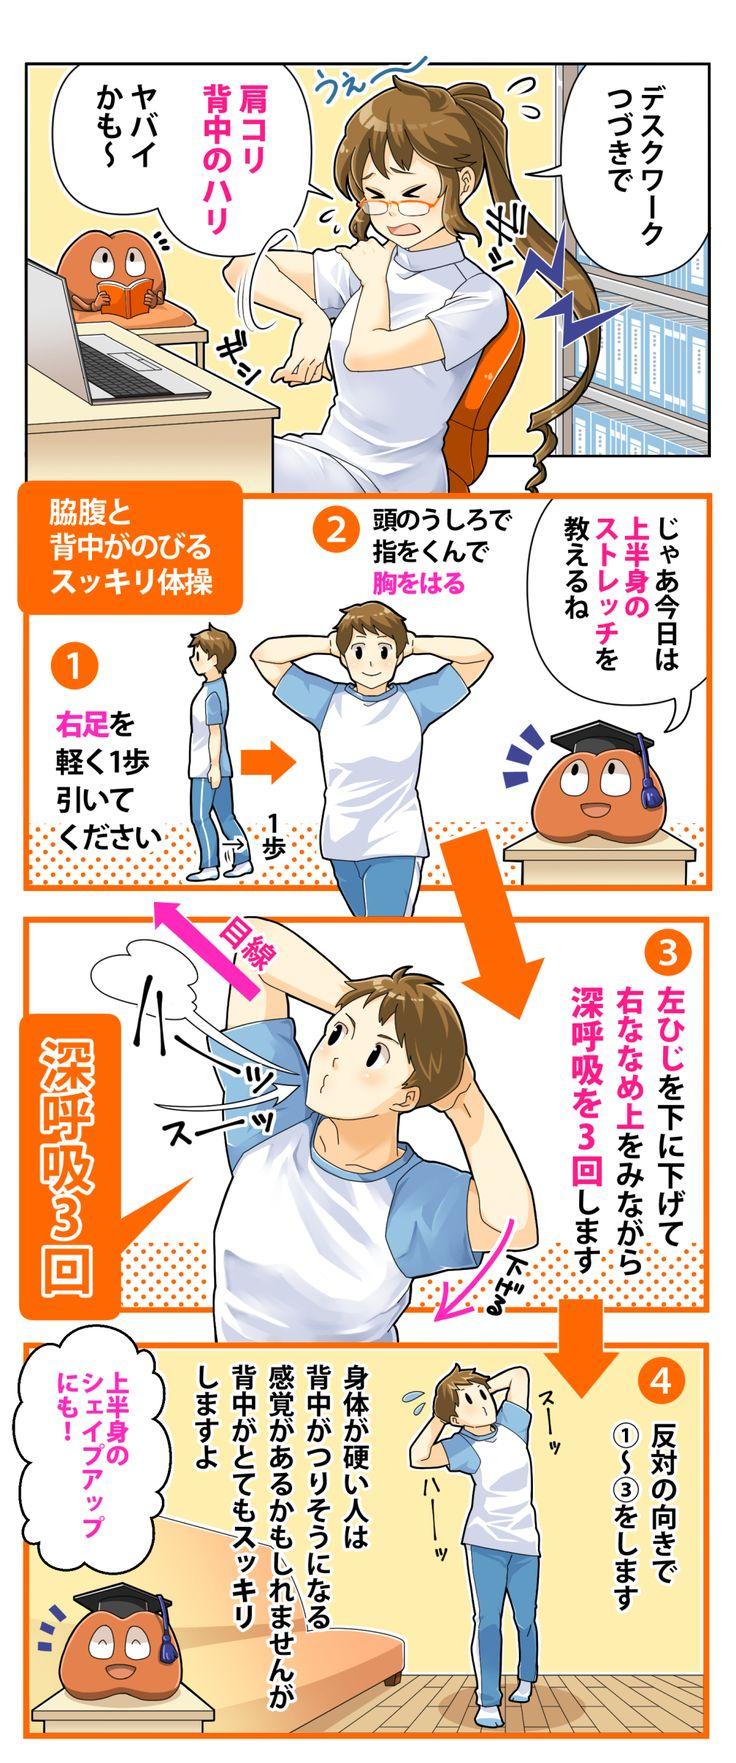 【漫画でわかる】デスクワークで辛い身体の張りを解消方 - 茨城県の整体 アーム療整院ブログ